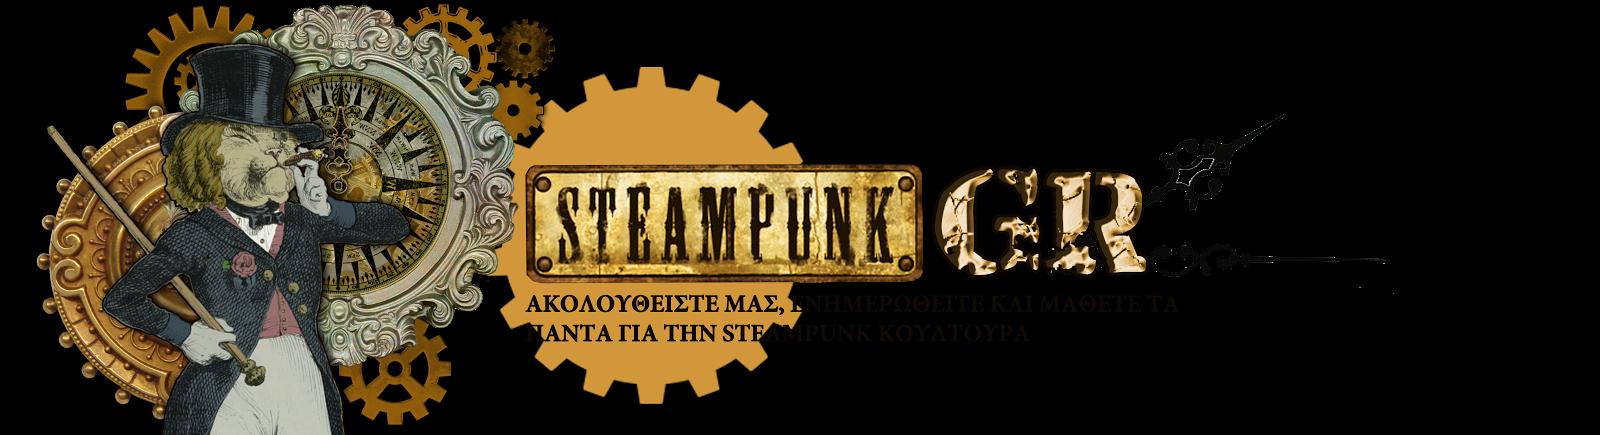 steampunkgr